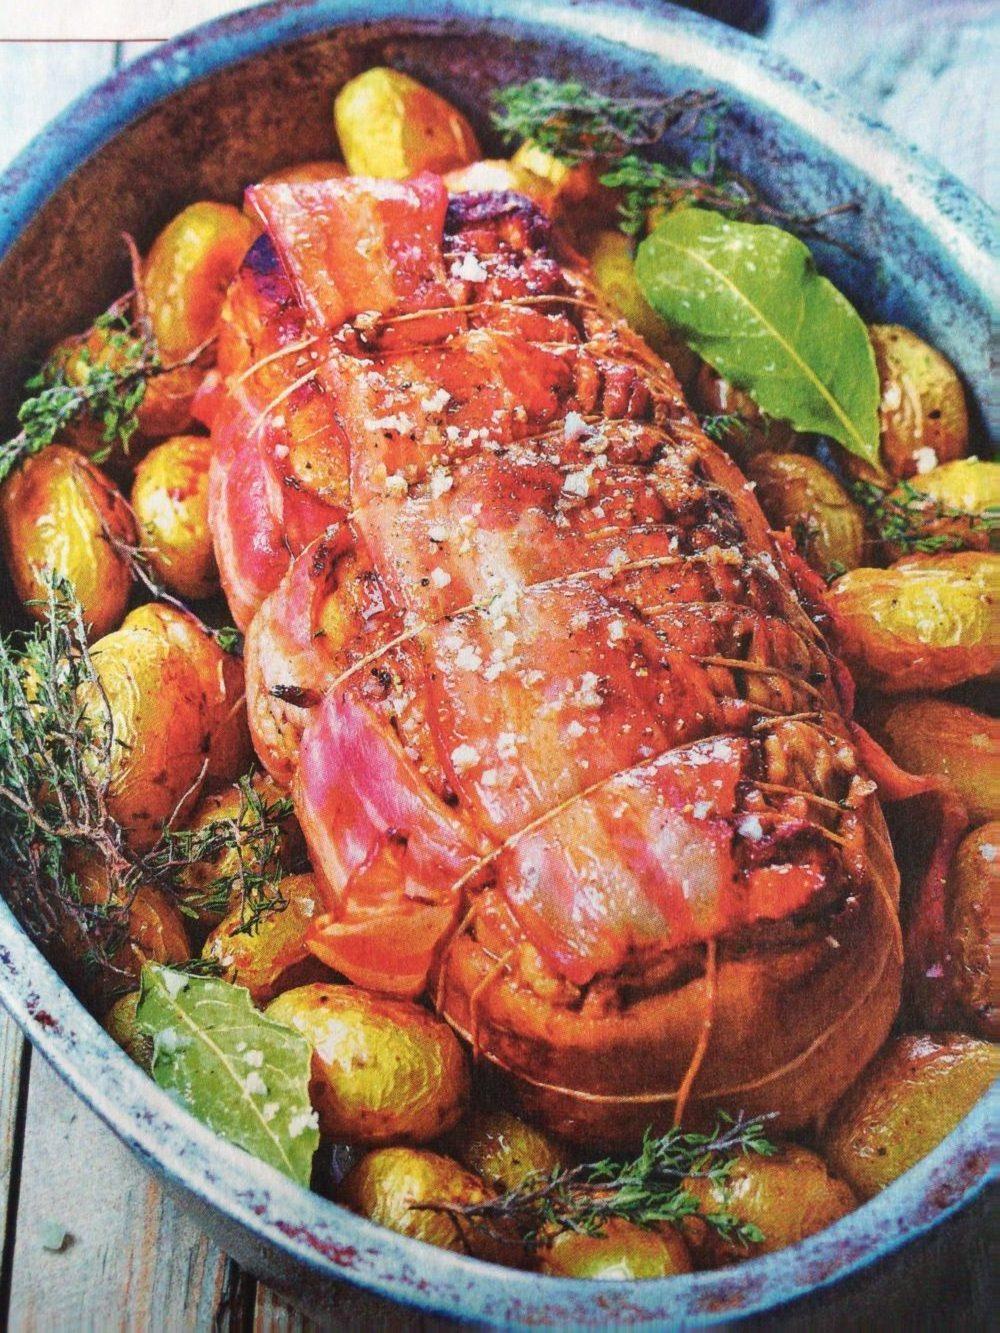 Rôti au lard et aux pommes de terre grenailles